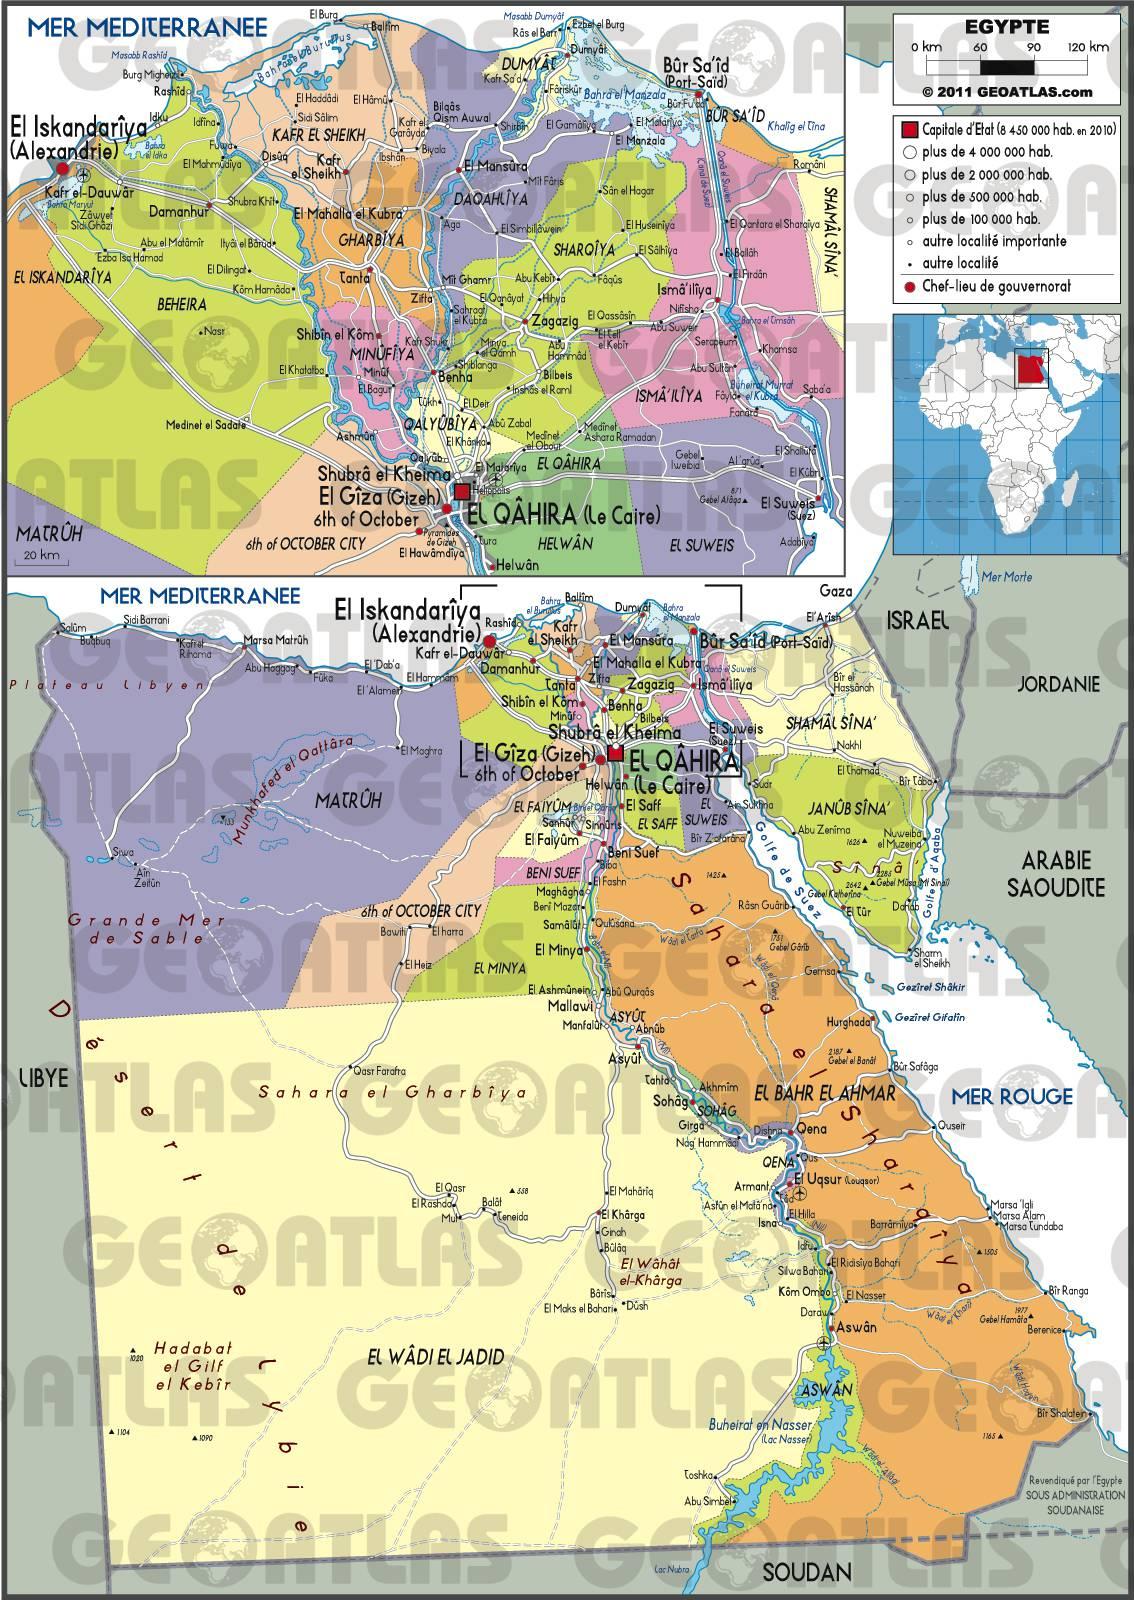 Carte des régions de l'Egypte